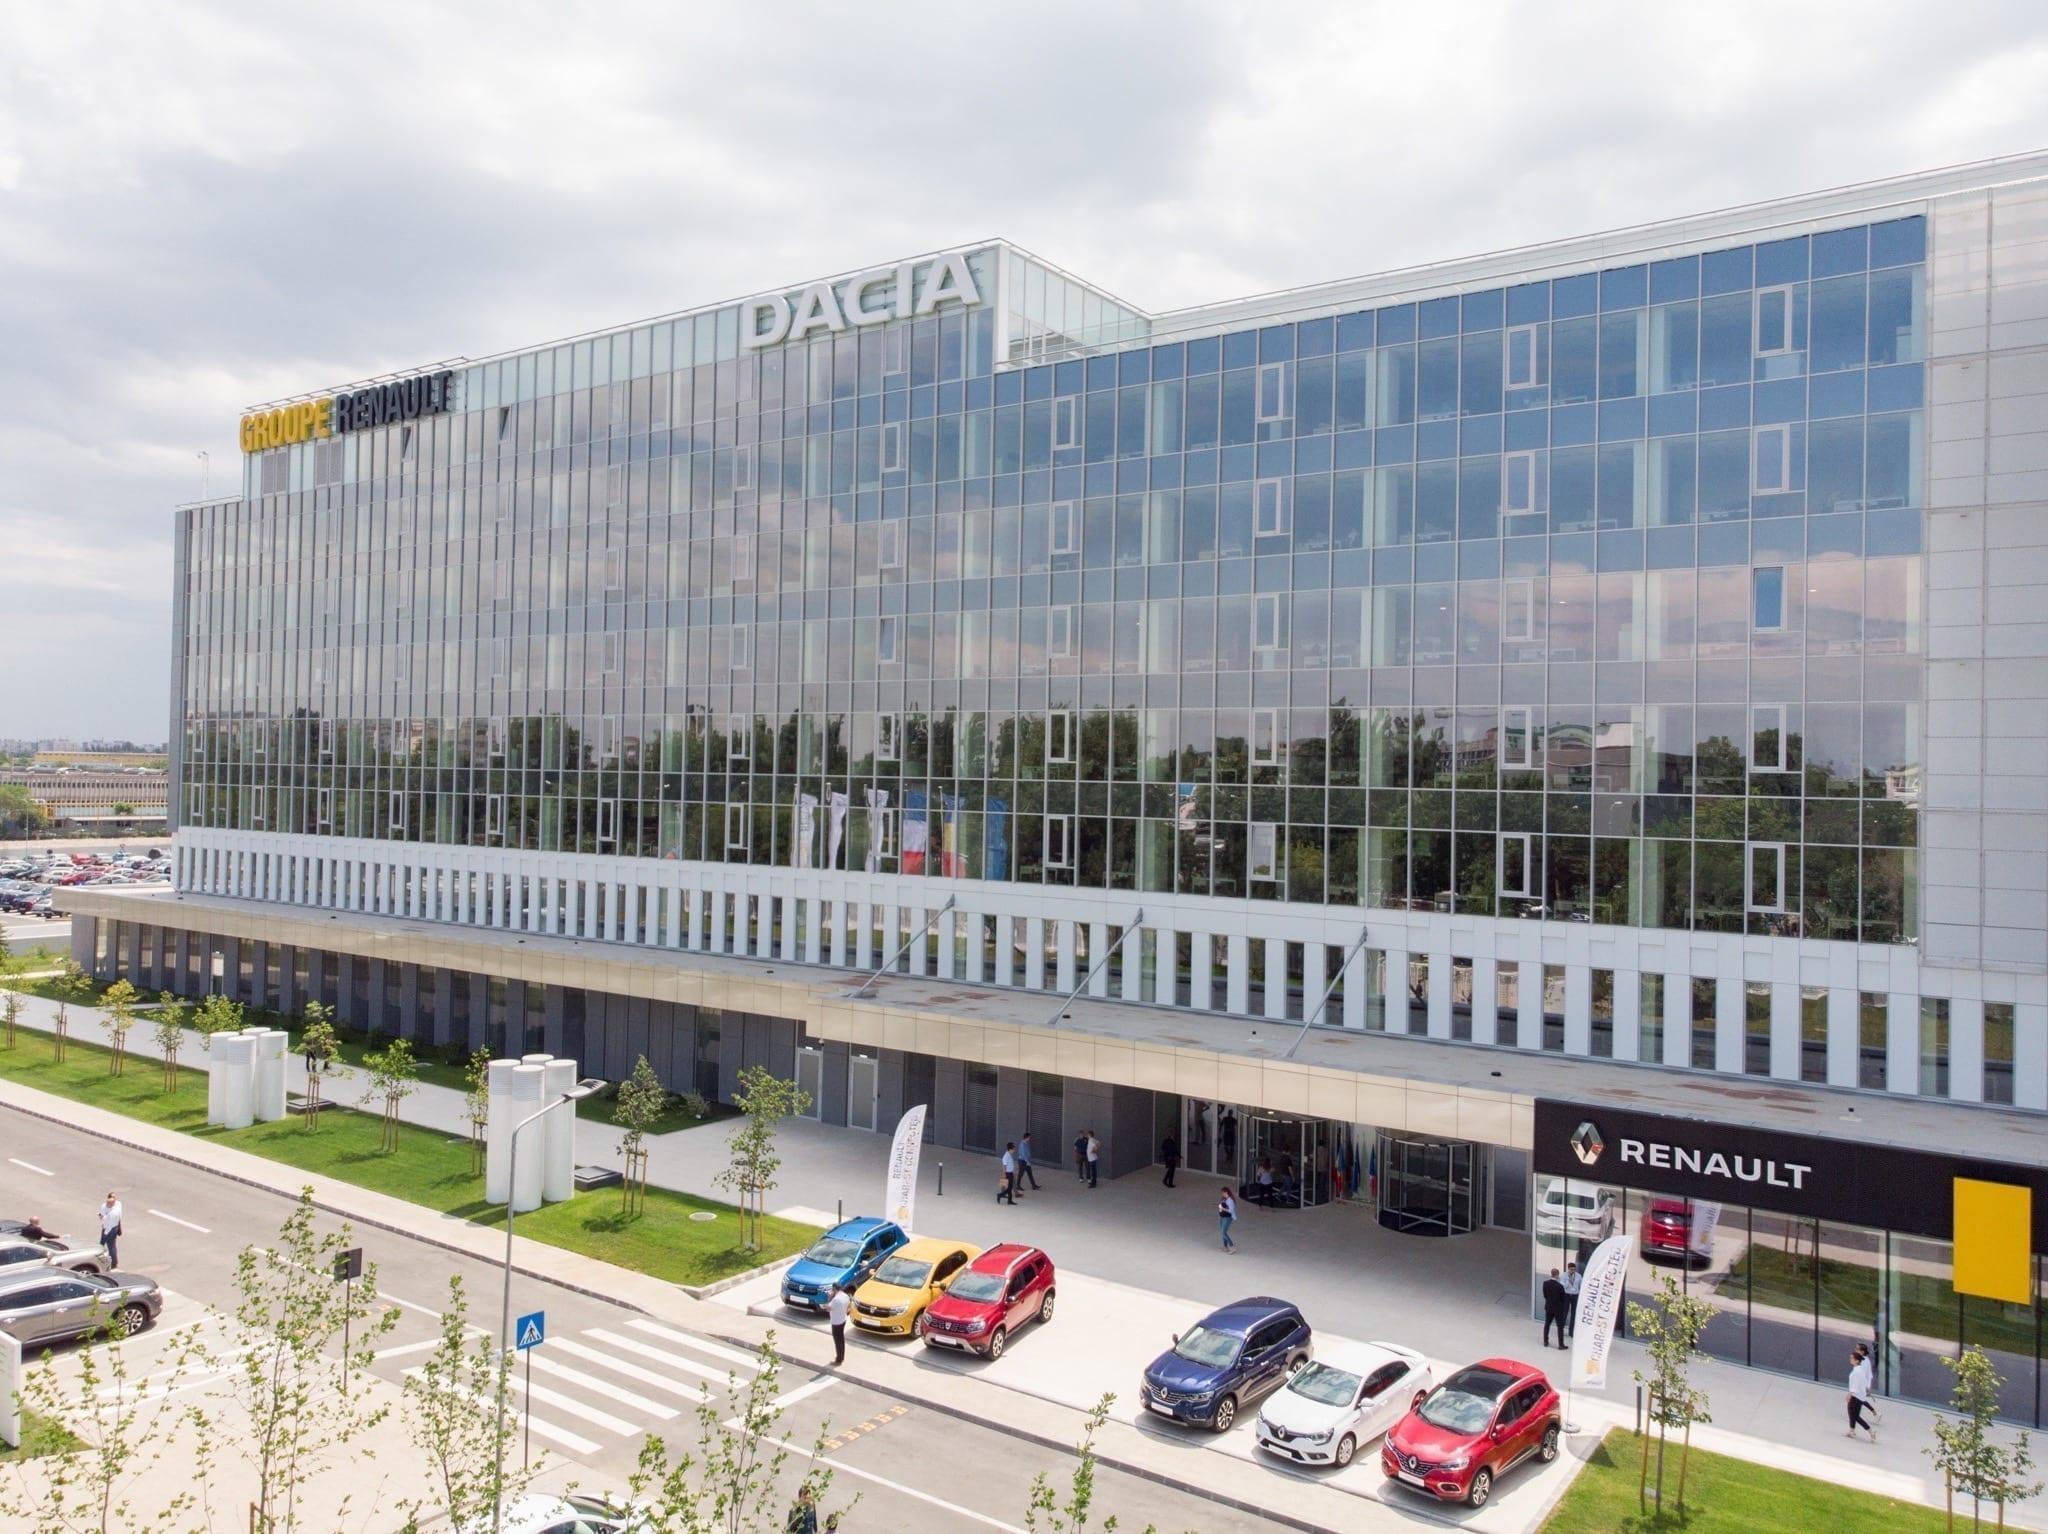 renault connected copy - Pandemia a dus la schimbarea funcționalității unor proiecte imobiliare comerciale